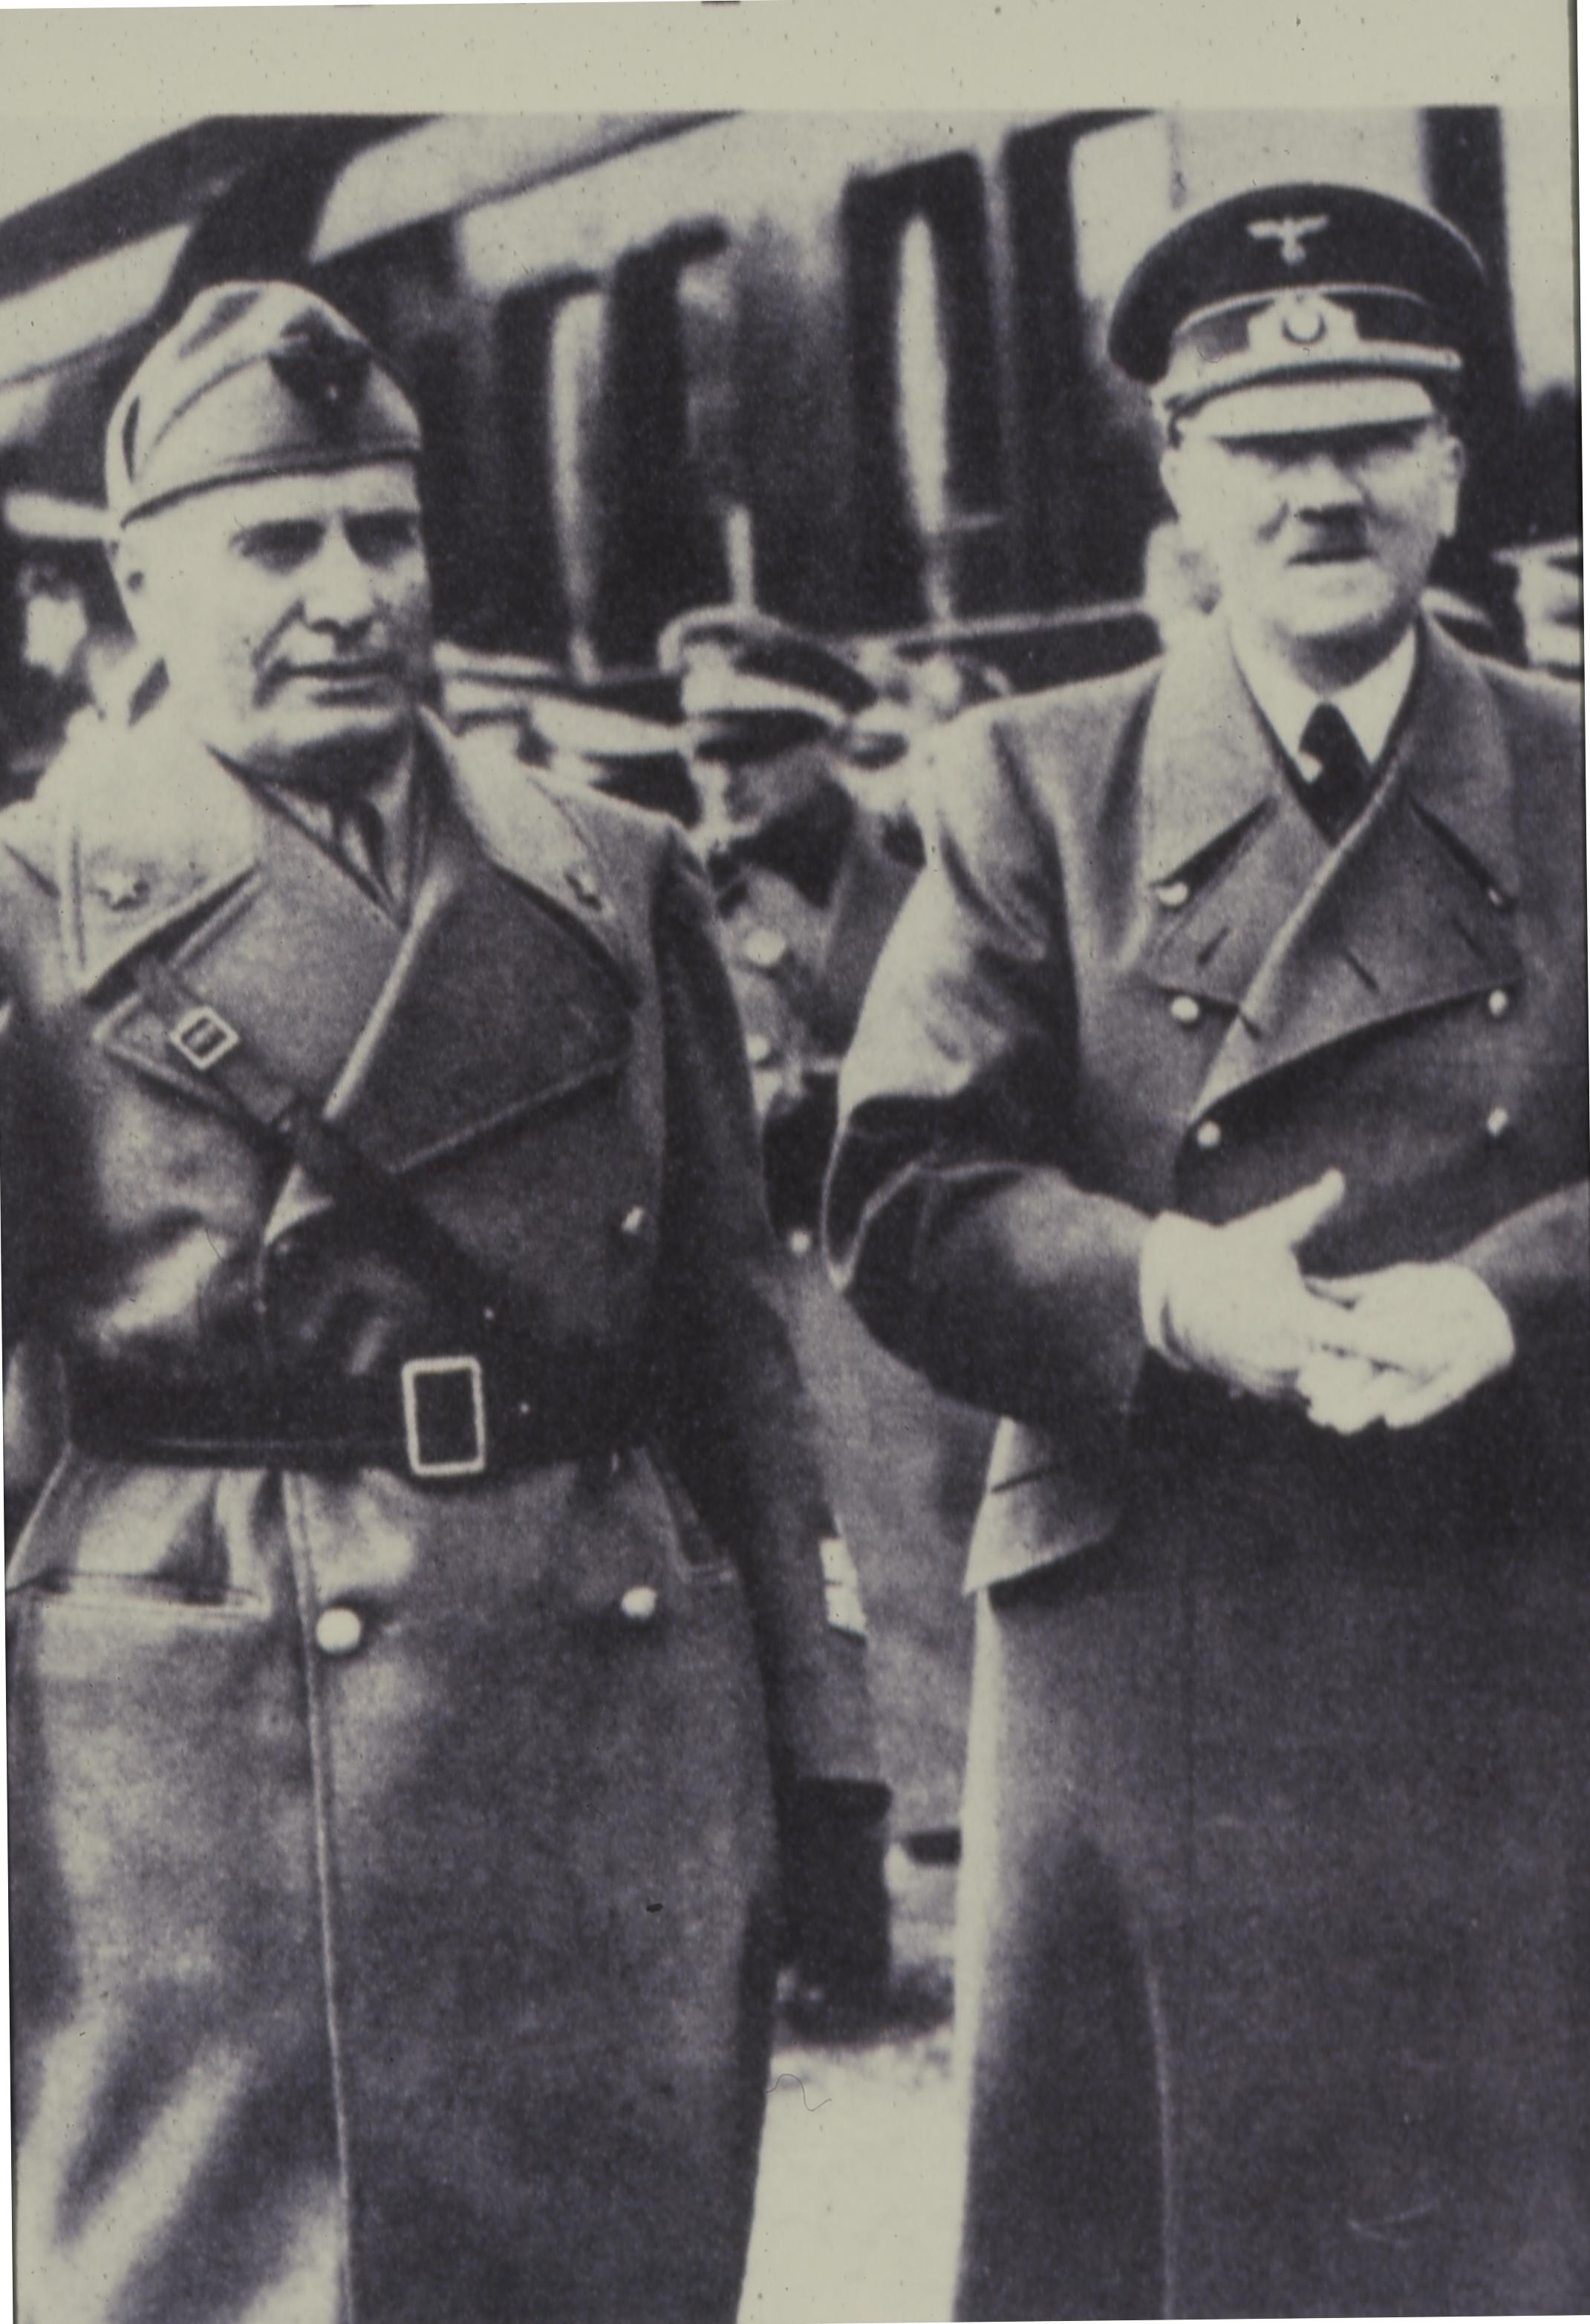 Mussolini Hitler.jpg